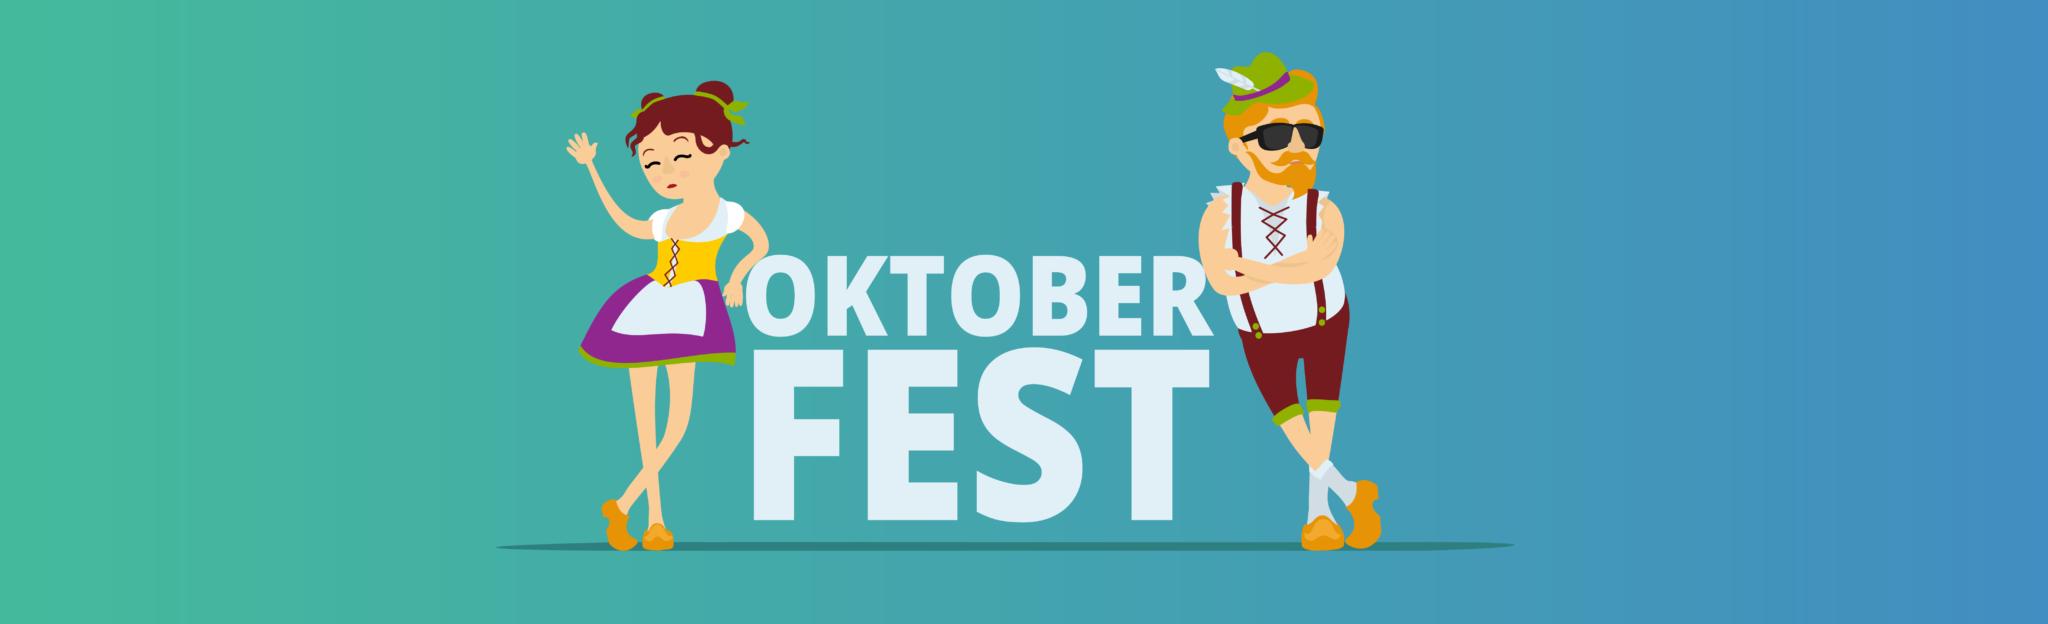 Oktoberfest Contractor Function